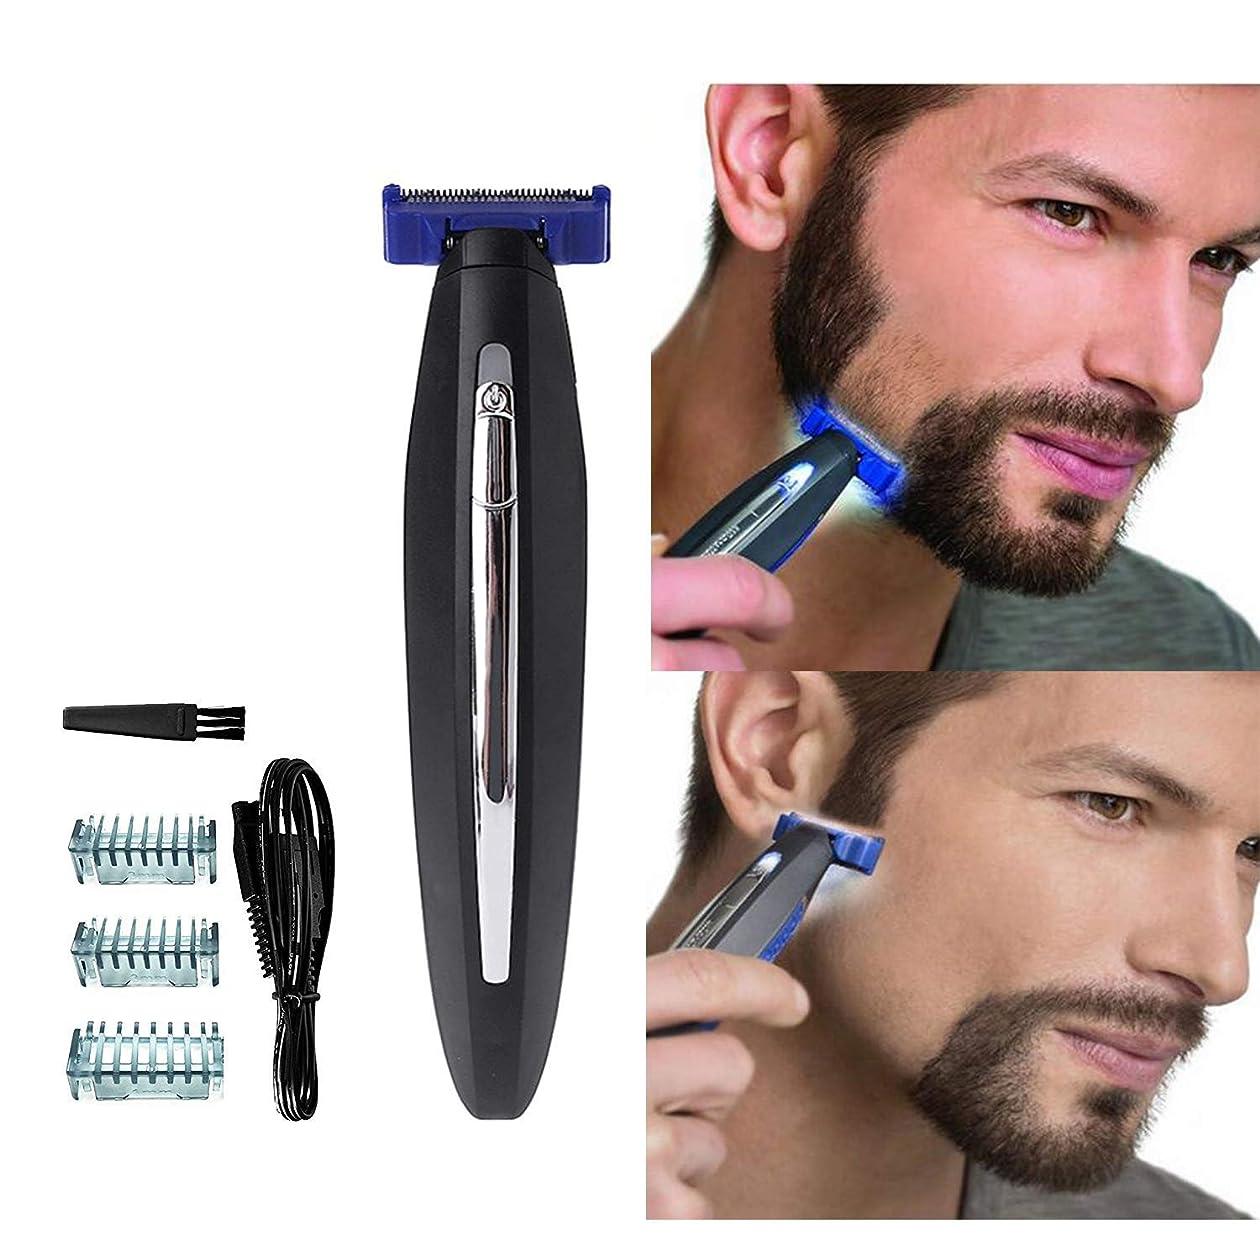 サイトライン不快エキス男性のための電気かみそり、髪のクリーニングシェーバートリマーと防水スマートかみそり、男性のための眉毛のひげのフェイシャルとボディヘアーのための毛の除去剤, black